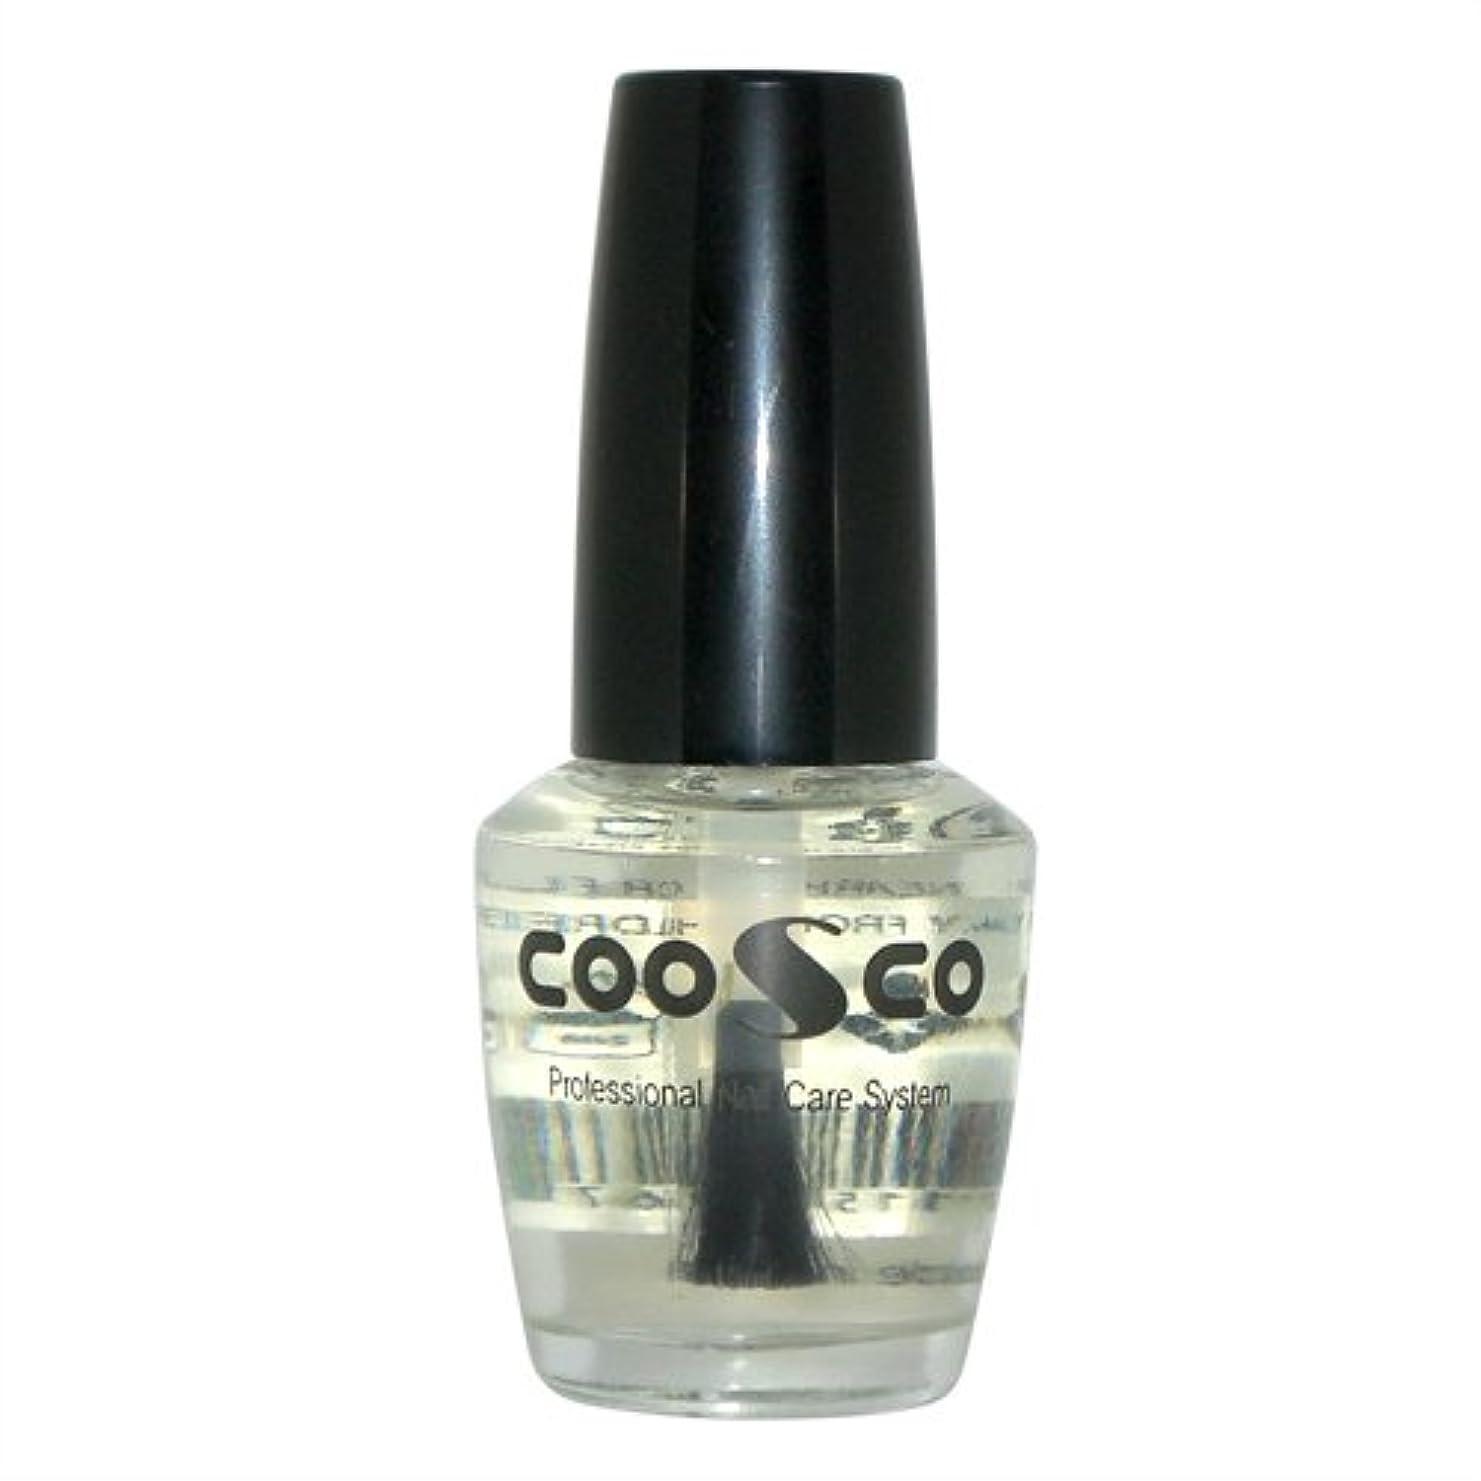 プロジェクター科学美人チェスネイル用 CCトップコート (COOSCO Professional Nail Care System CC Top Coat) 15mL